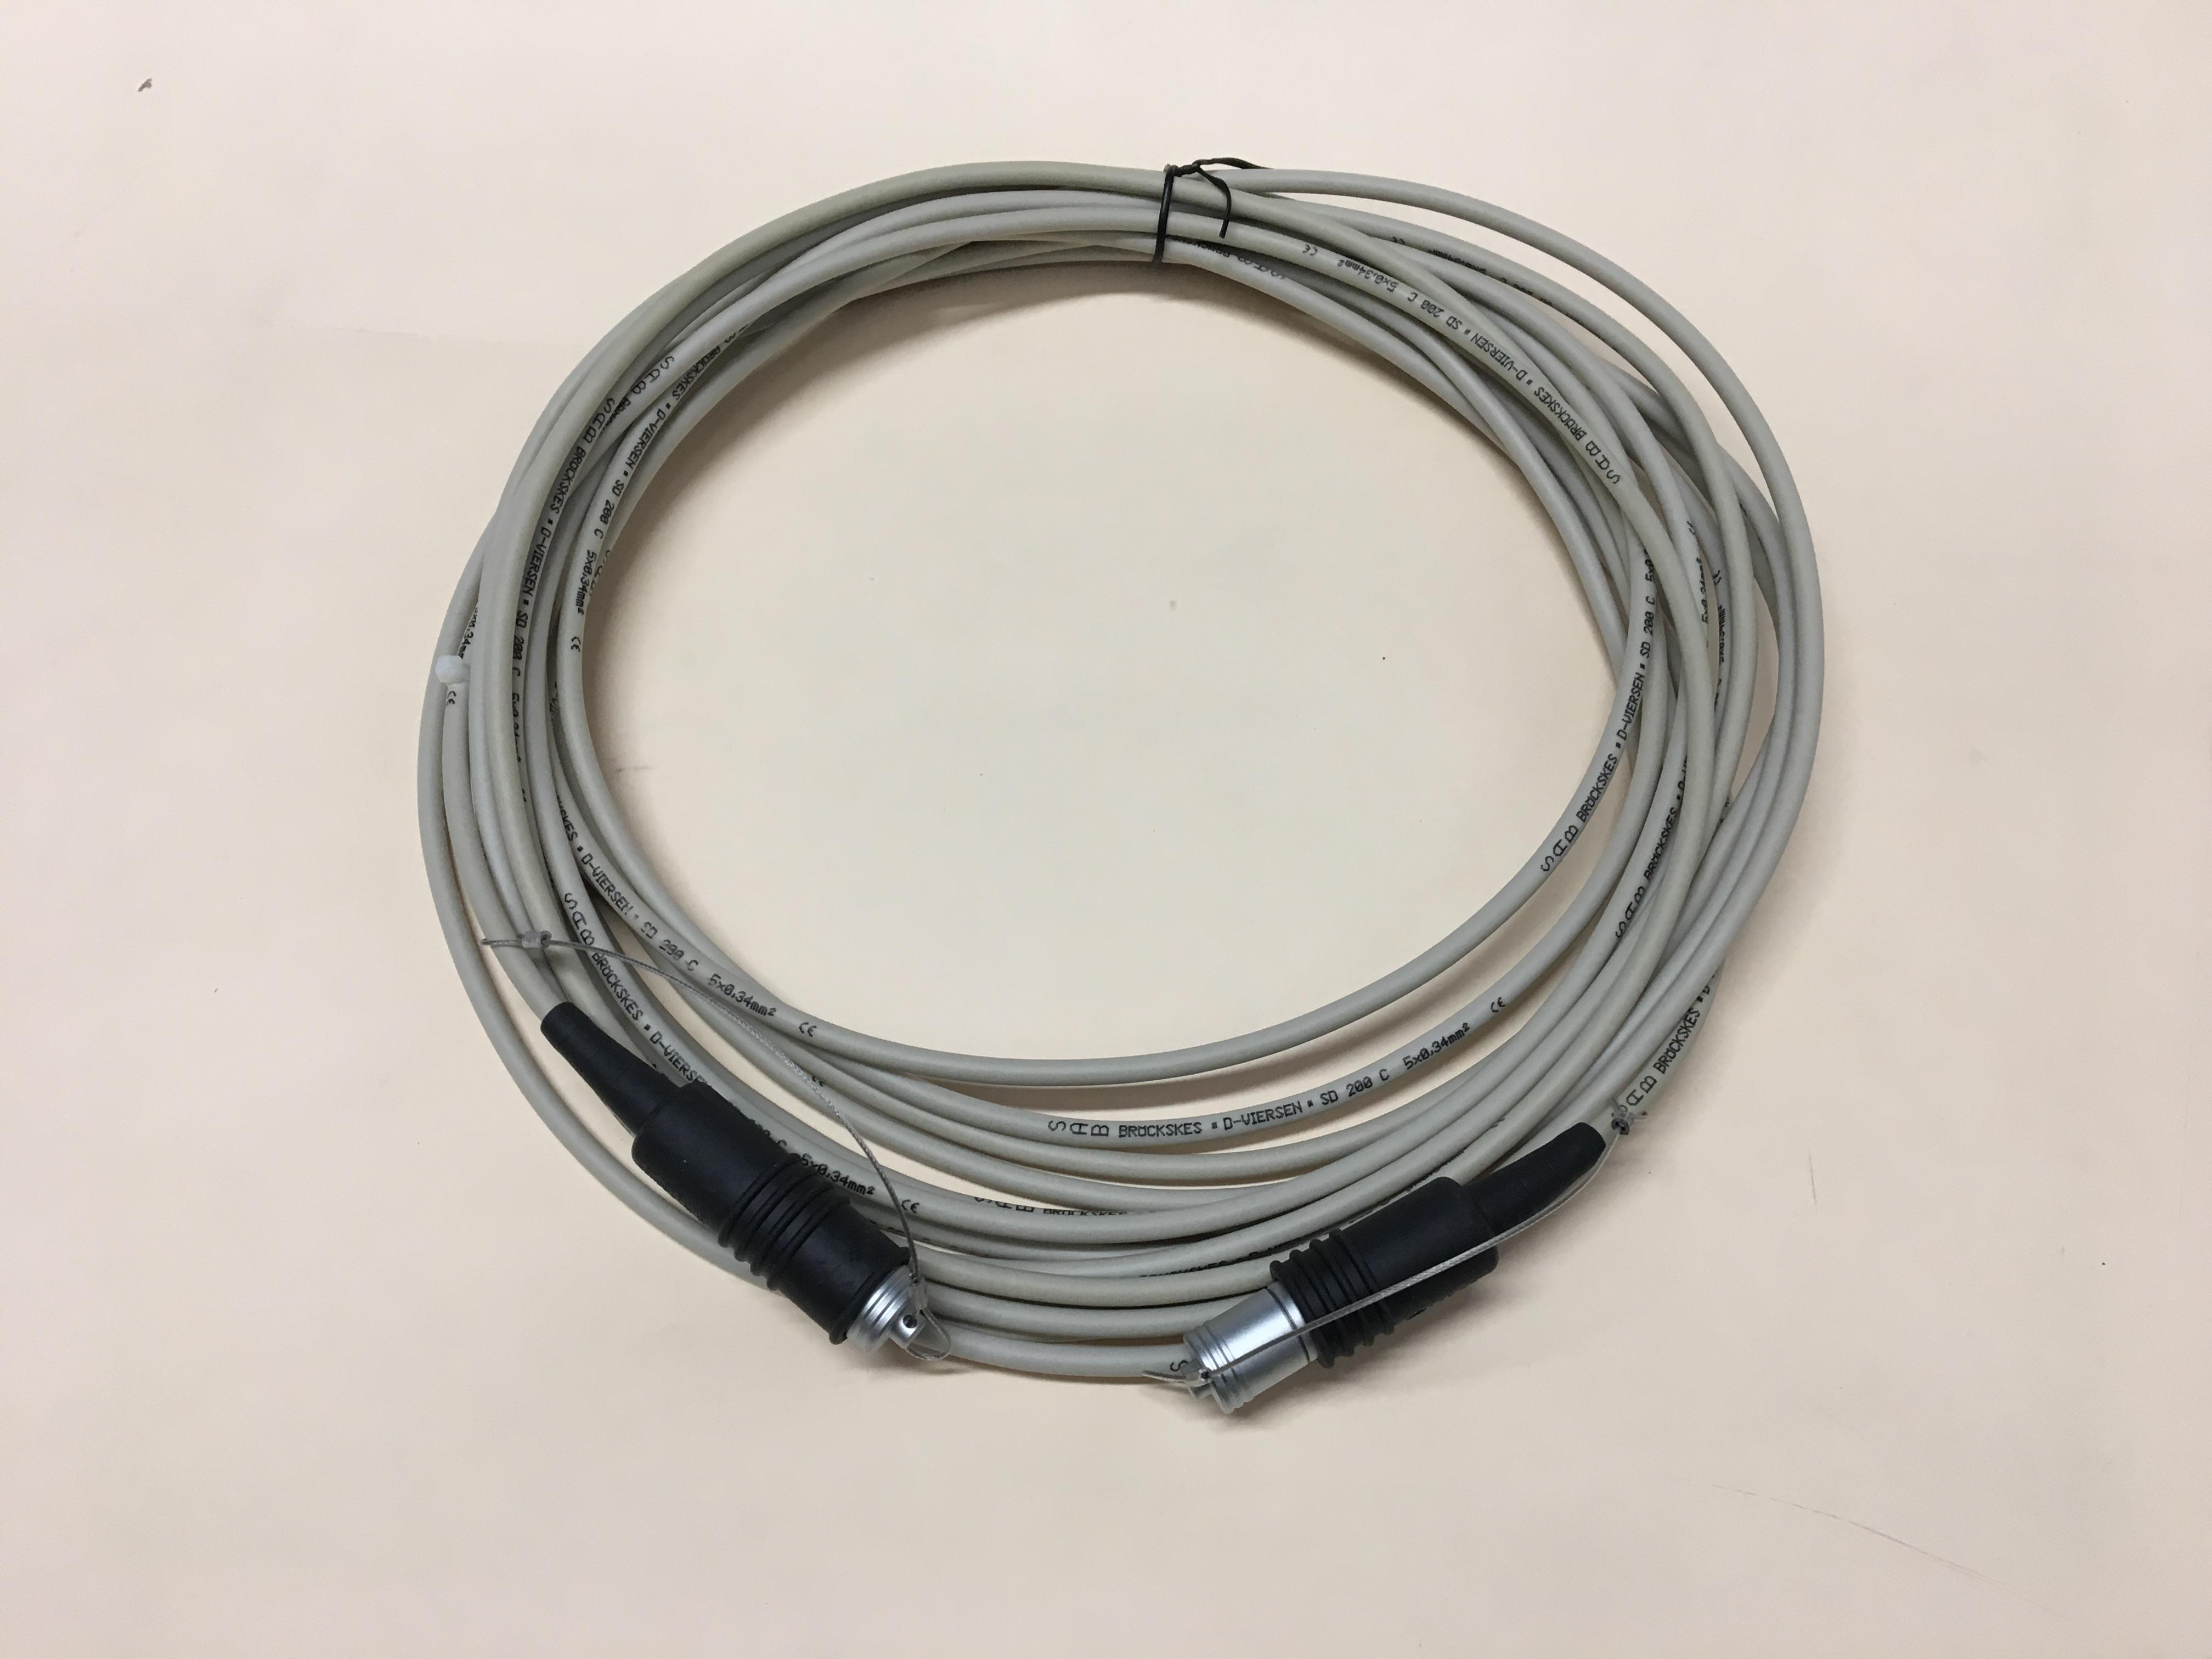 Cable, Hydroblock, 30M